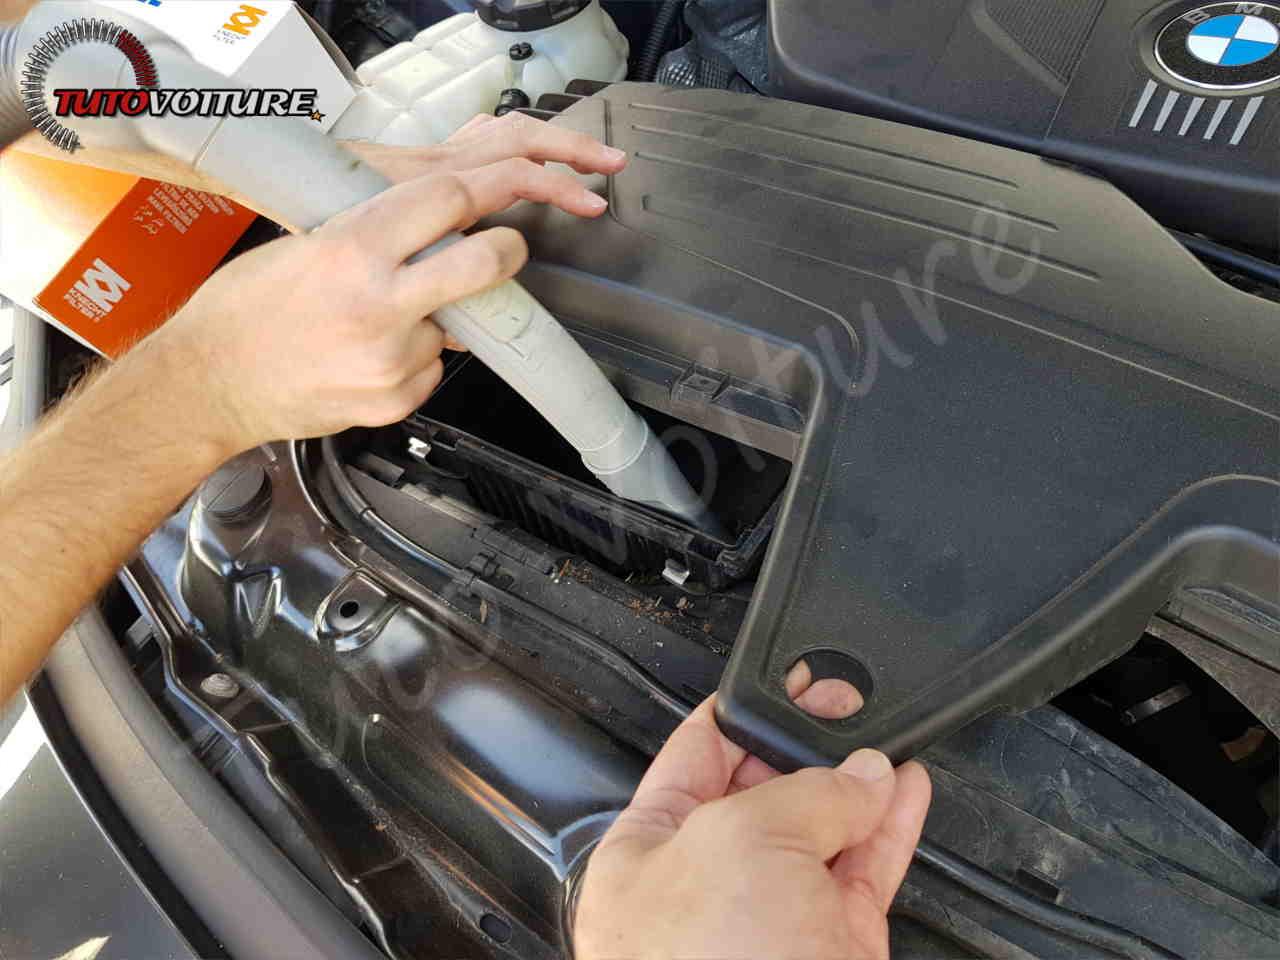 Nettoyage du boitier de filtre à air bmw serie 3 F30